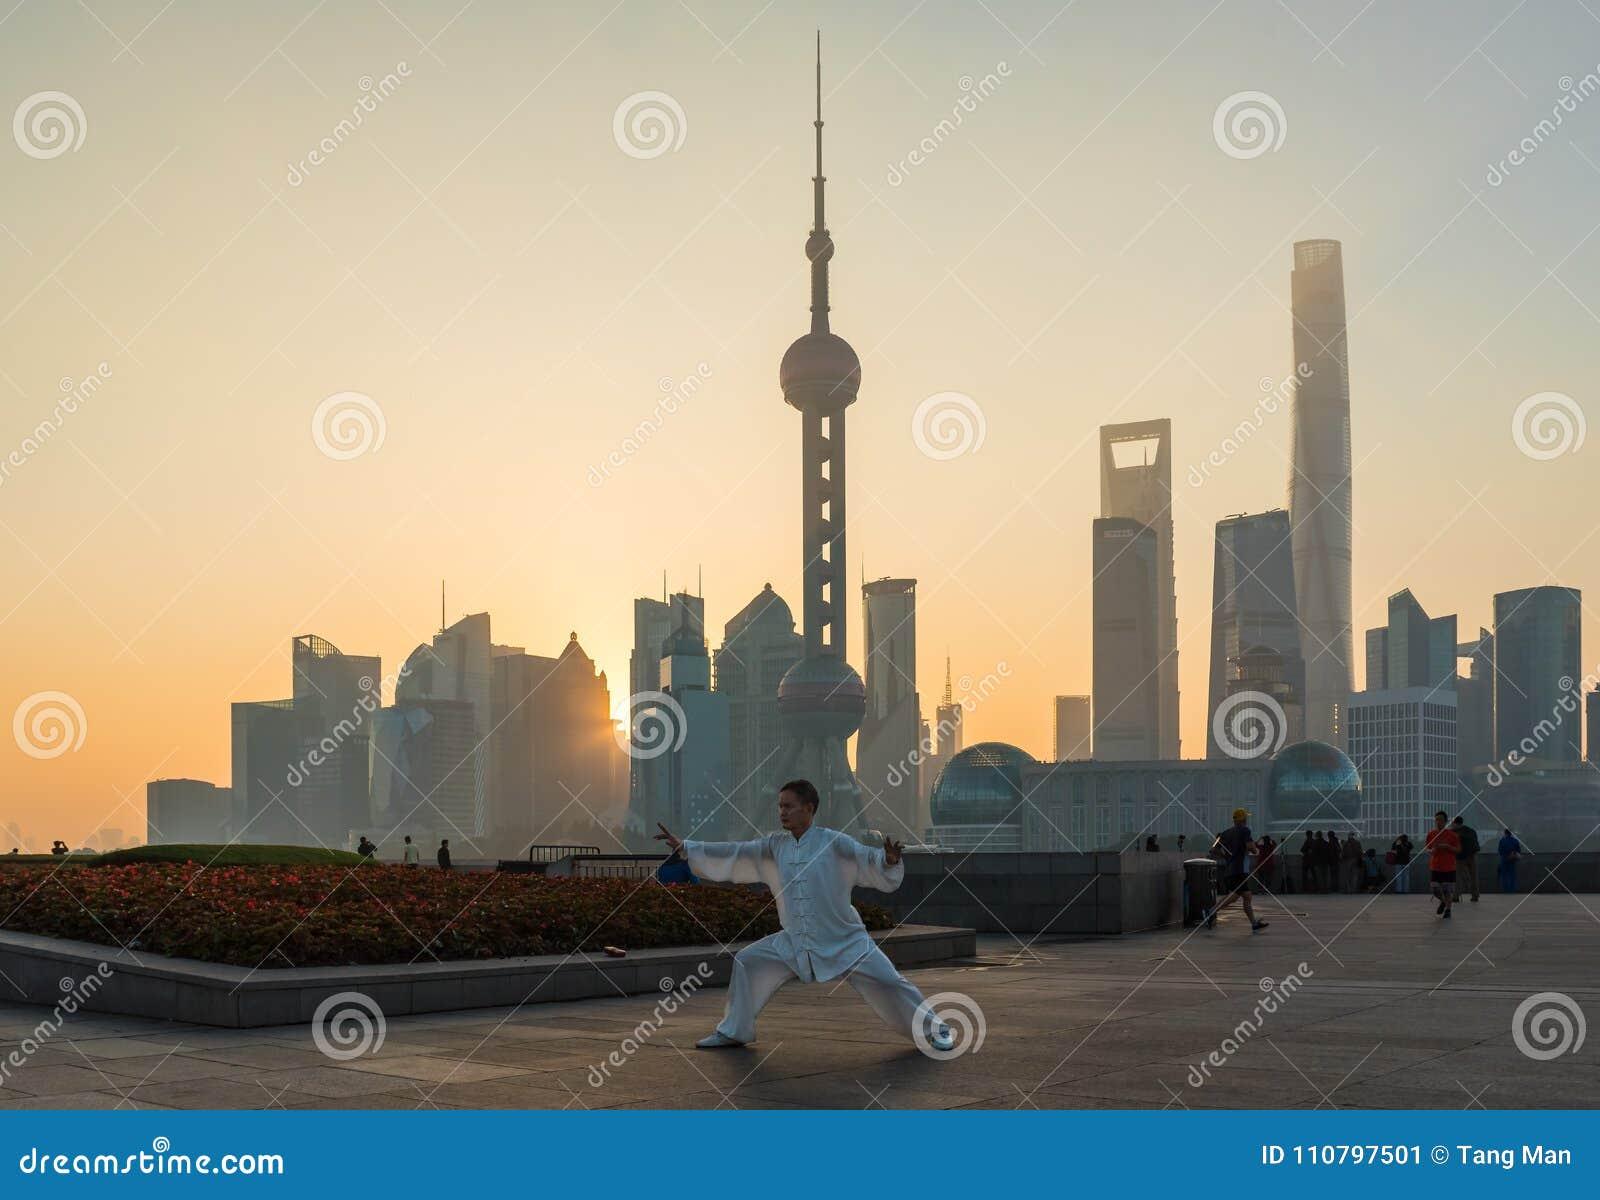 Ένα άτομο ασκεί και κάνει Tai Chi στο φράγμα καθώς ο ήλιος αυξάνεται